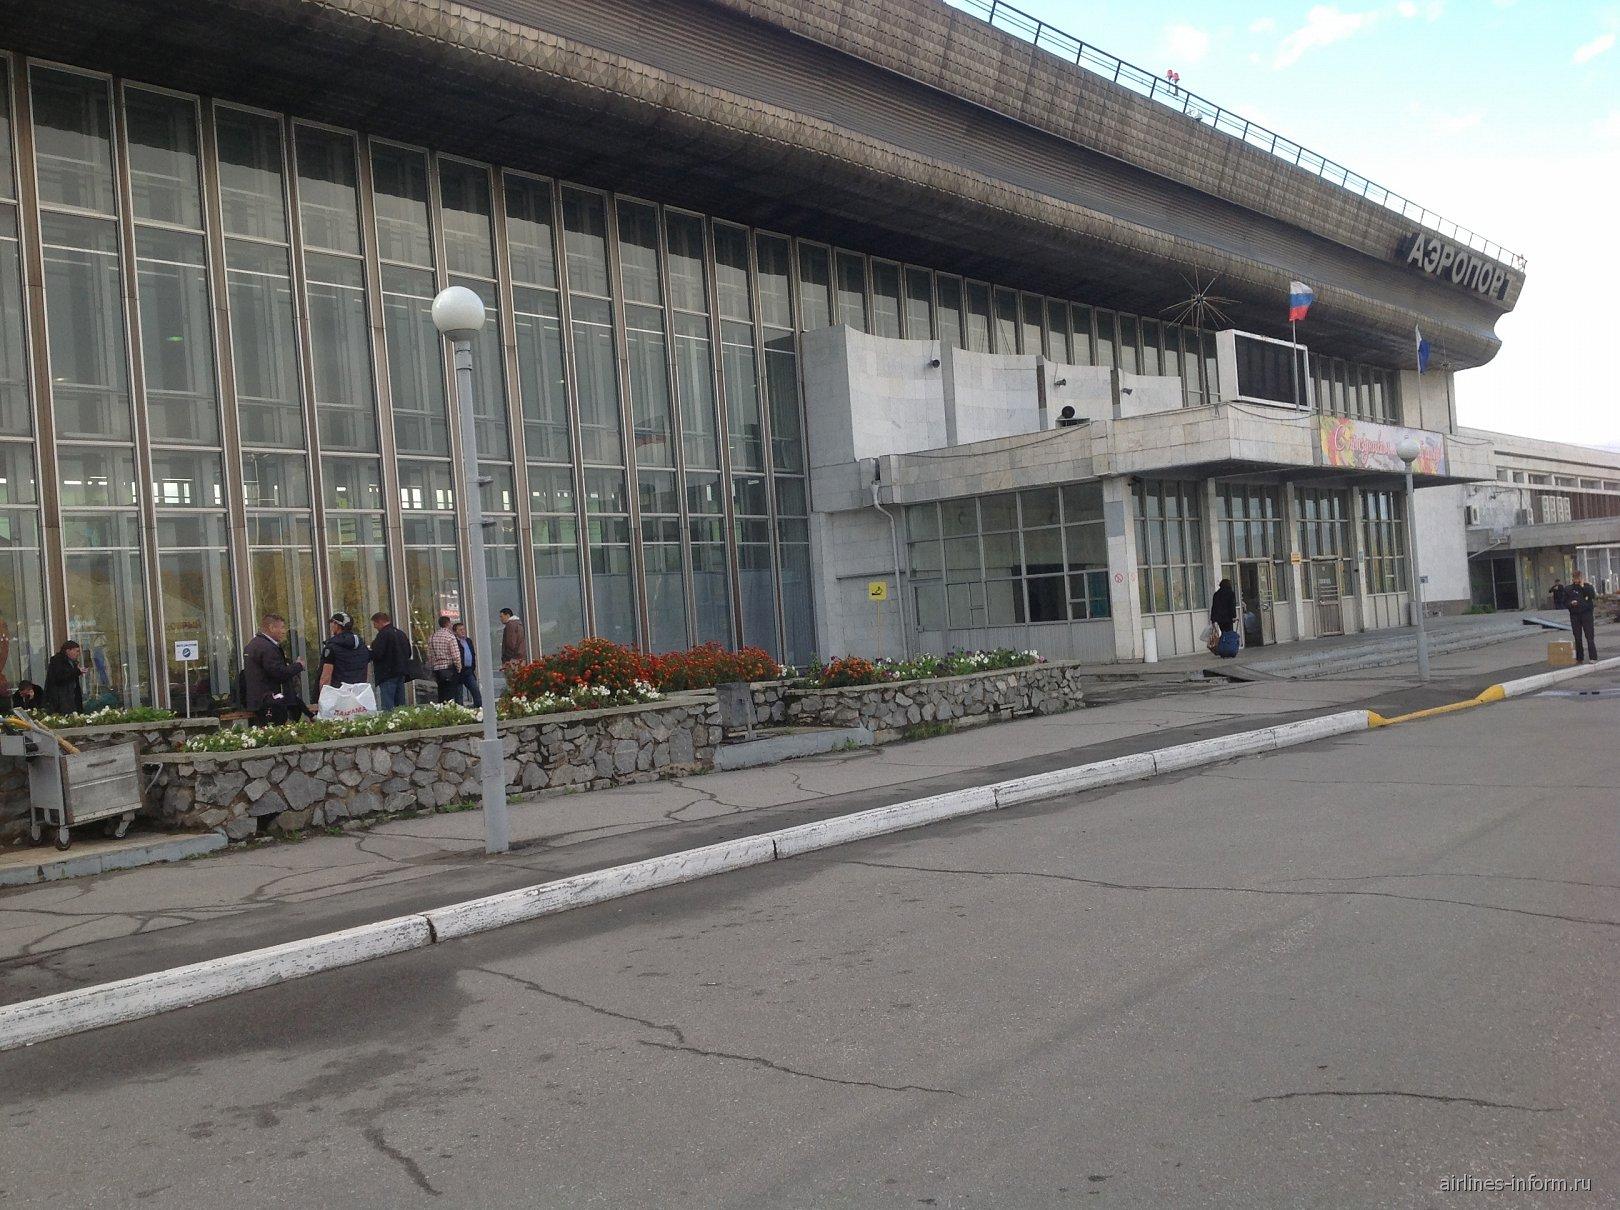 Аэровокзал аэропорта Хабаровск Новый